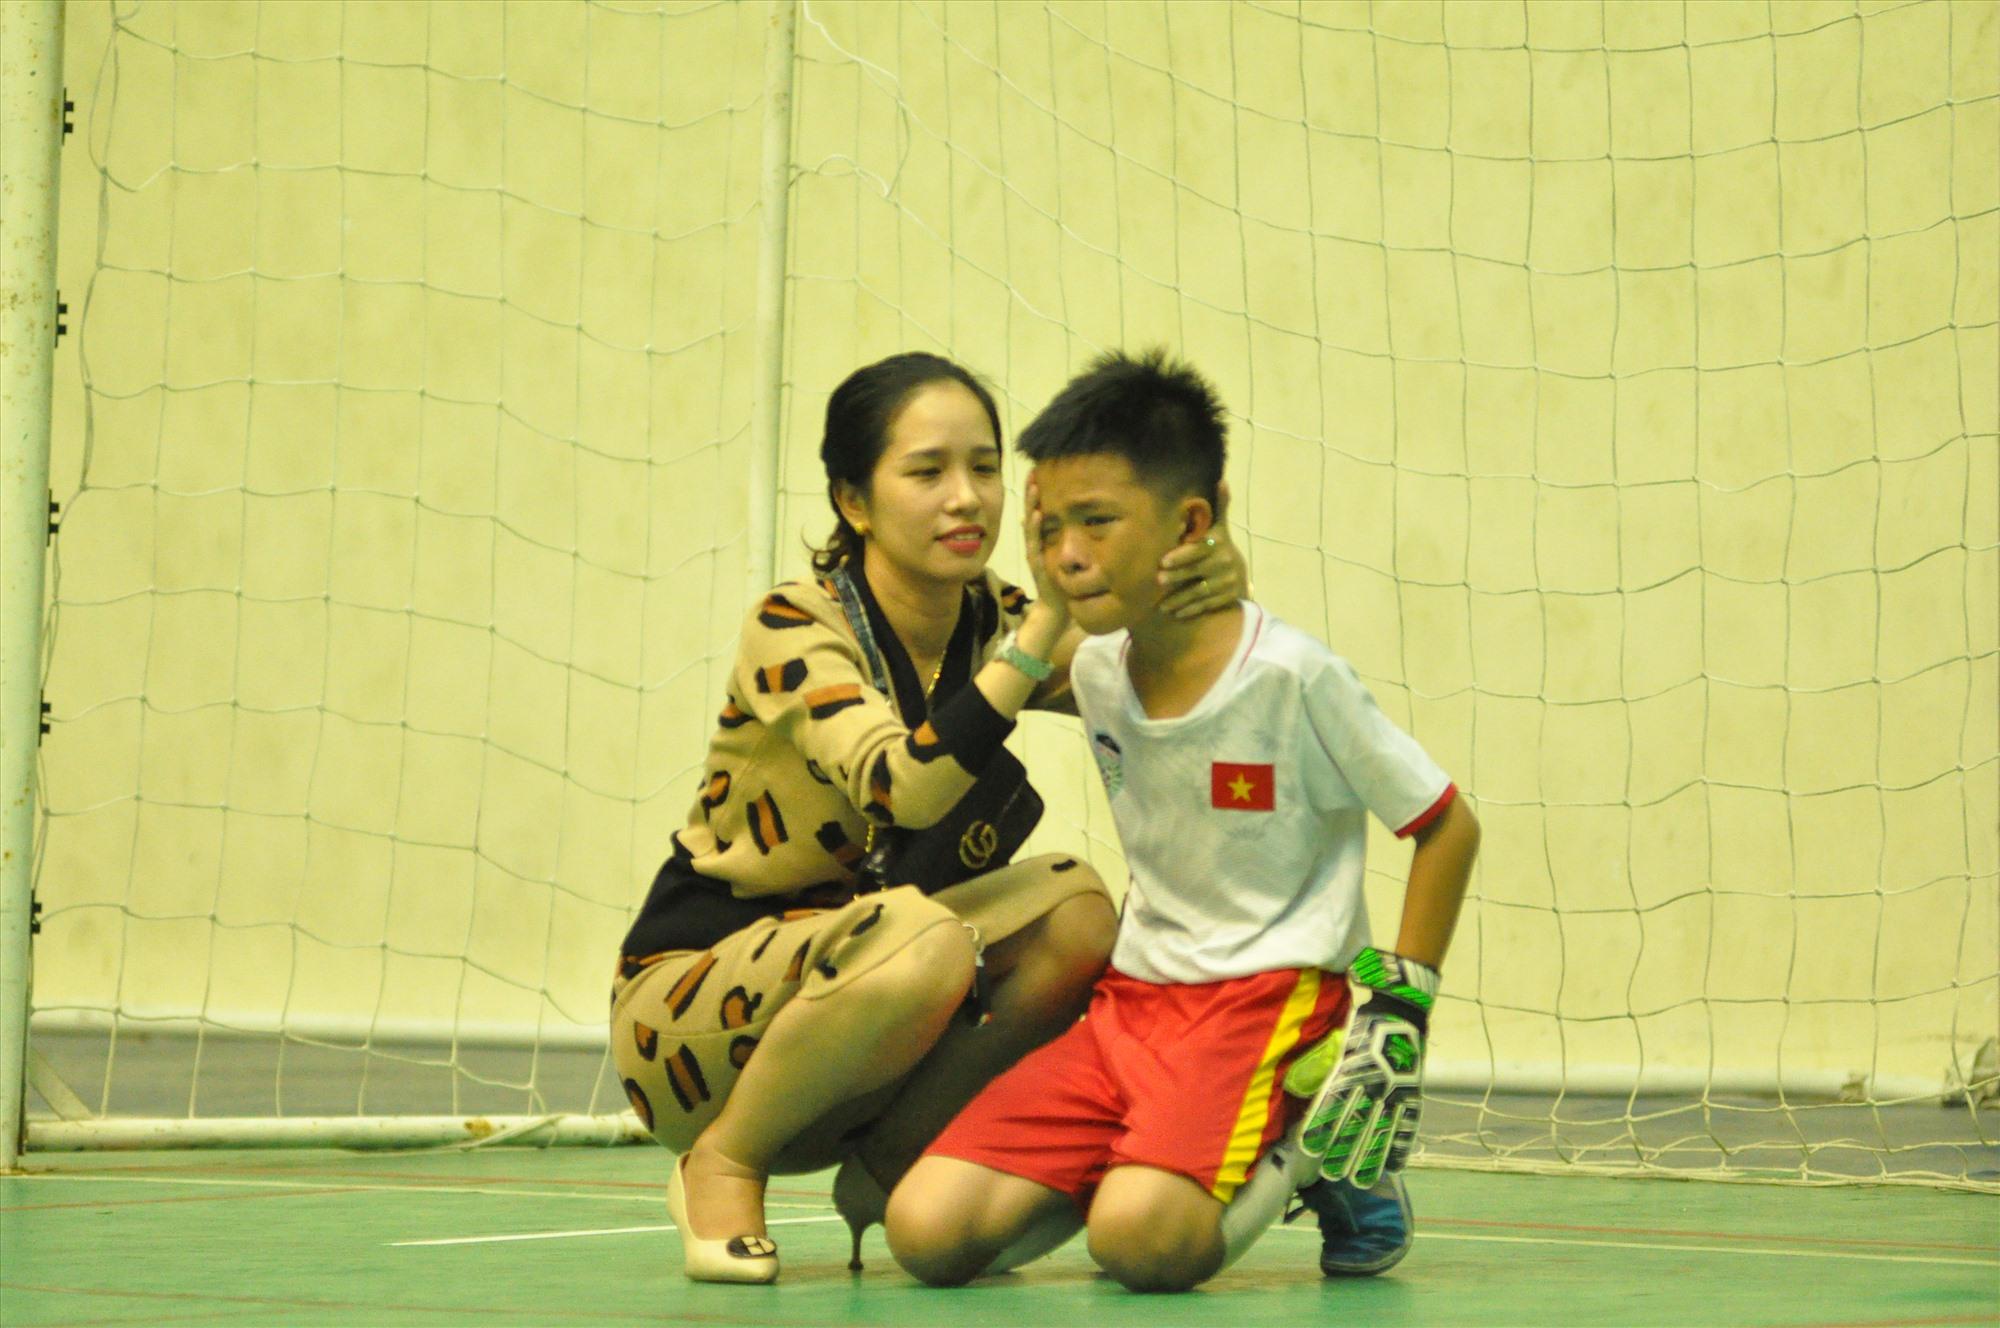 Thủ môn đội Tam Kỳ 1 khóc nức nở và được mẹ an ủi sau trận chung kết. Ảnh: X.P